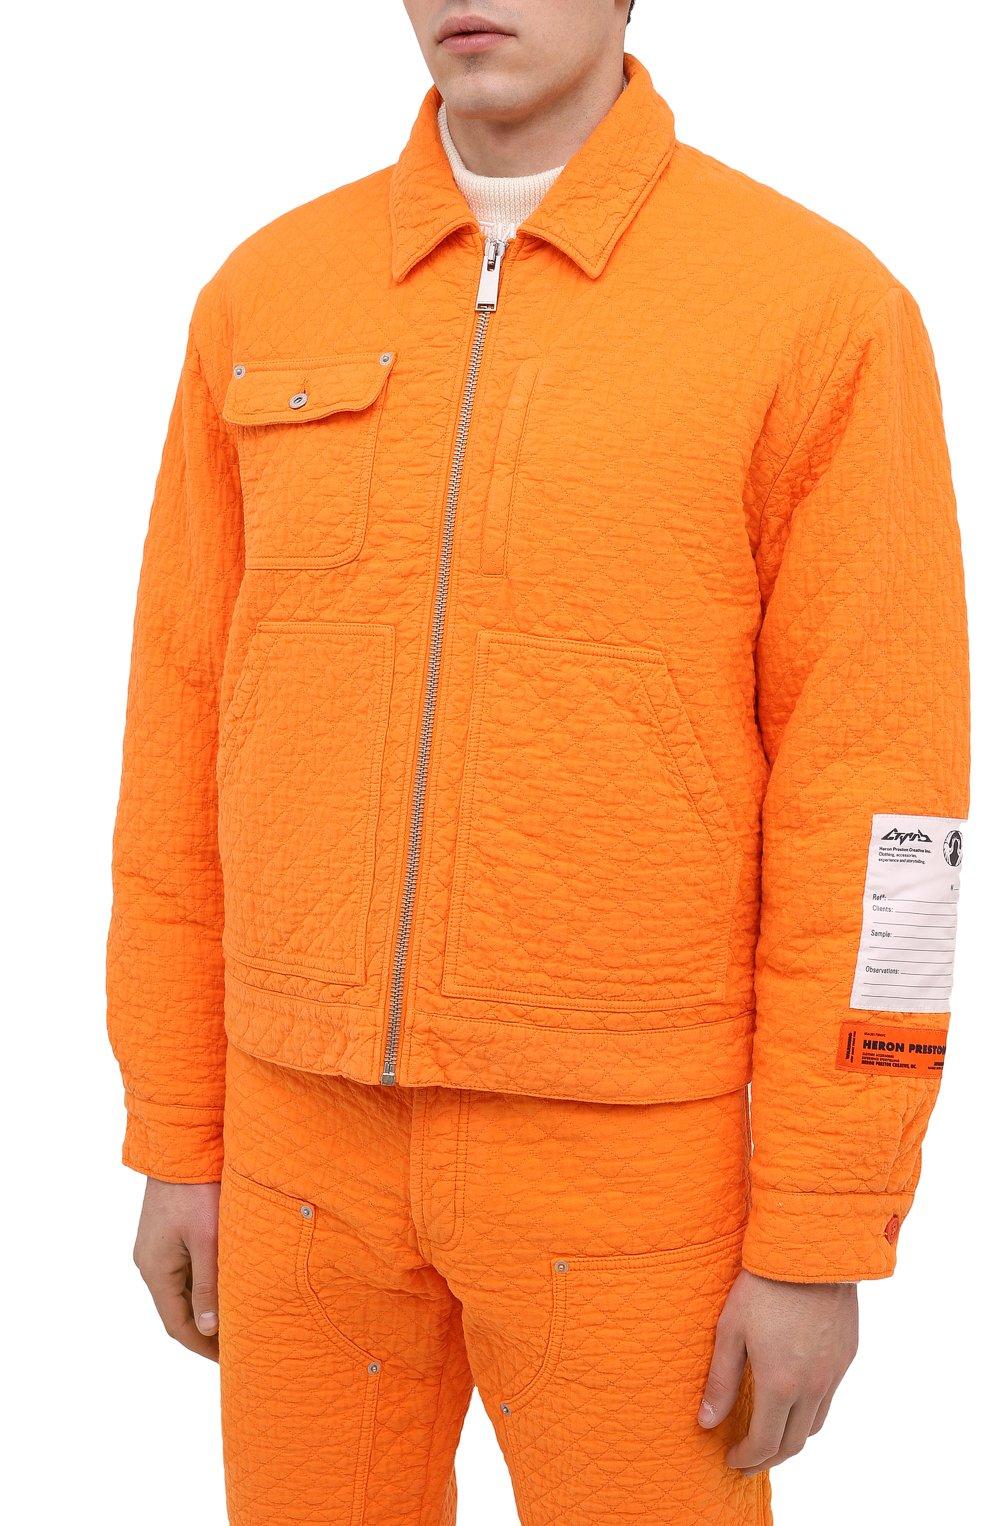 Мужская хлопковая куртка HERON PRESTON оранжевого цвета, арт. HMEA052F20FAB0012200 | Фото 4 (Кросс-КТ: Куртка, Ветровка; Рукава: Длинные; Материал внешний: Хлопок; Мужское Кросс-КТ: Куртка-верхняя одежда, Верхняя одежда; Материал подклада: Синтетический материал; Длина (верхняя одежда): Короткие)